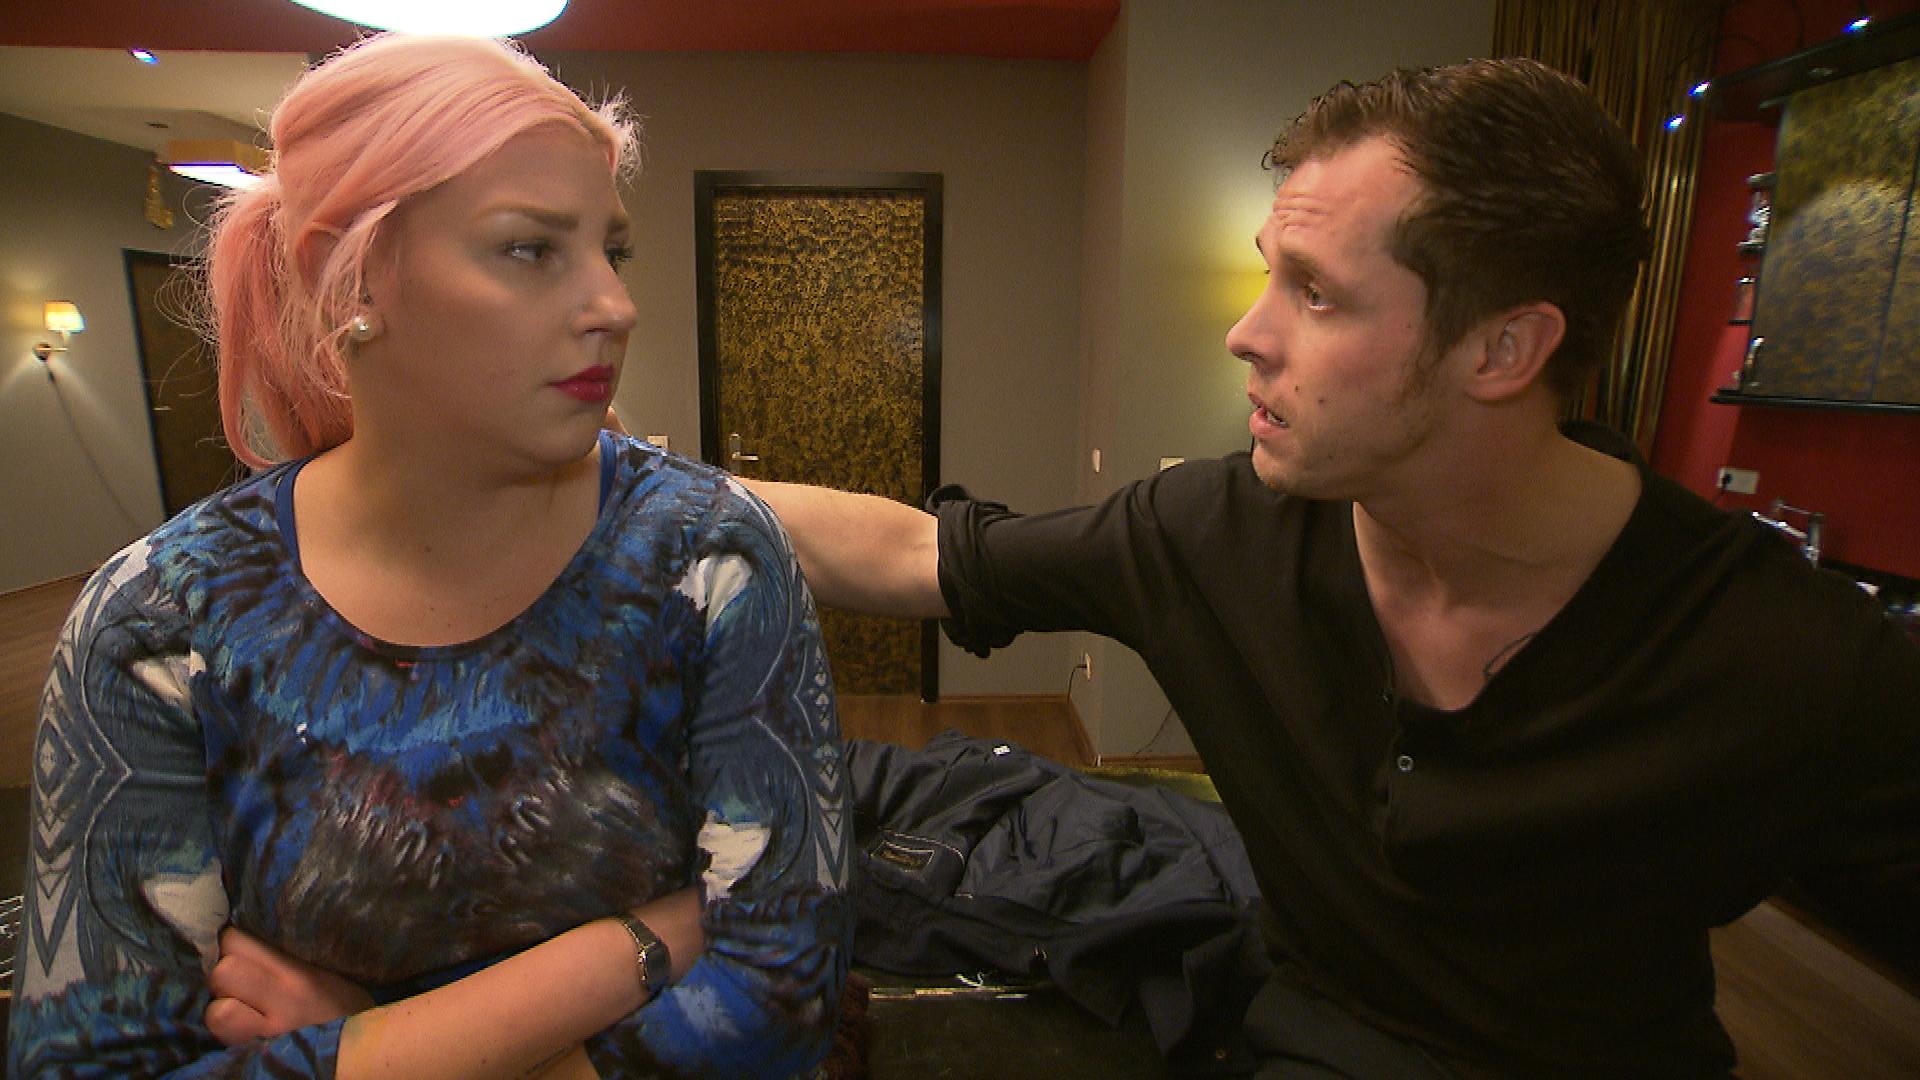 Paula gesteht Basti, dass sie mit der Schnitte in den letzten Monaten Verluste eingefahren hat, und Basti verspricht eine Lösung zu finden. Ihm fallen schließlich vielerlei Schwachstellen auf und er schlägt Paula einige unangenehme Maßnahmen vor (Quelle: RTL 2)